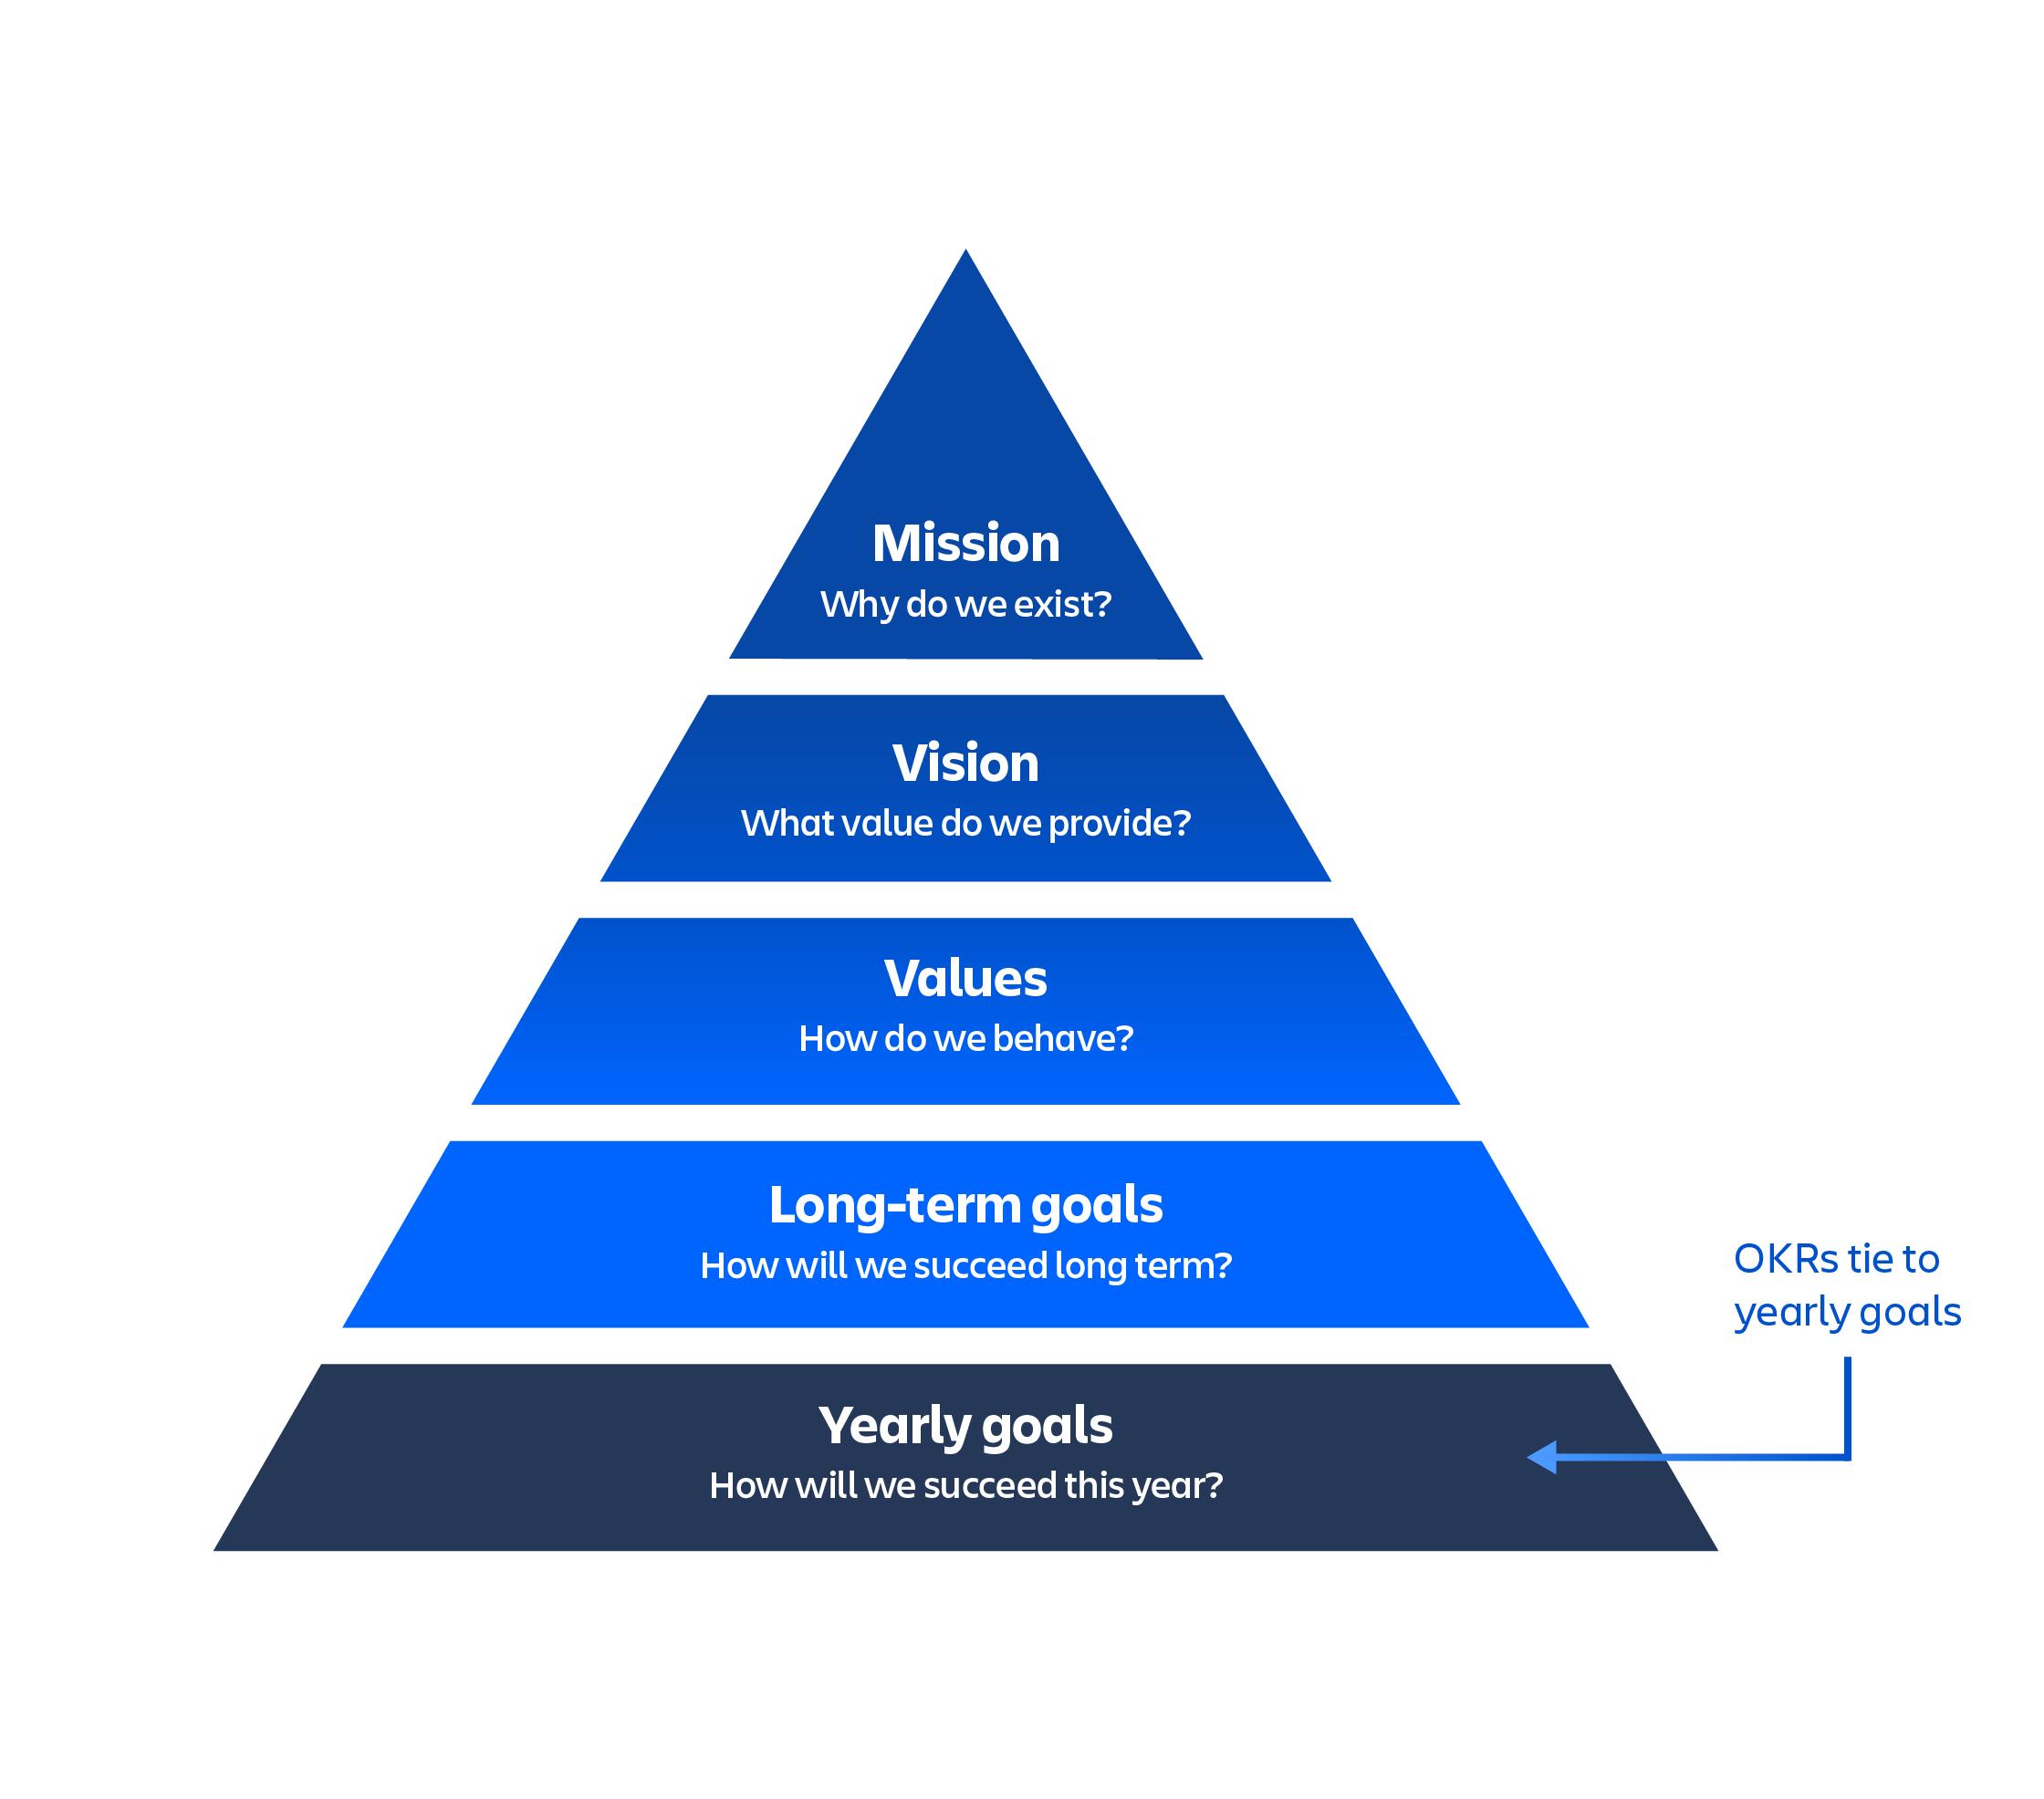 年次目標を底辺とする OKR ピラミッド